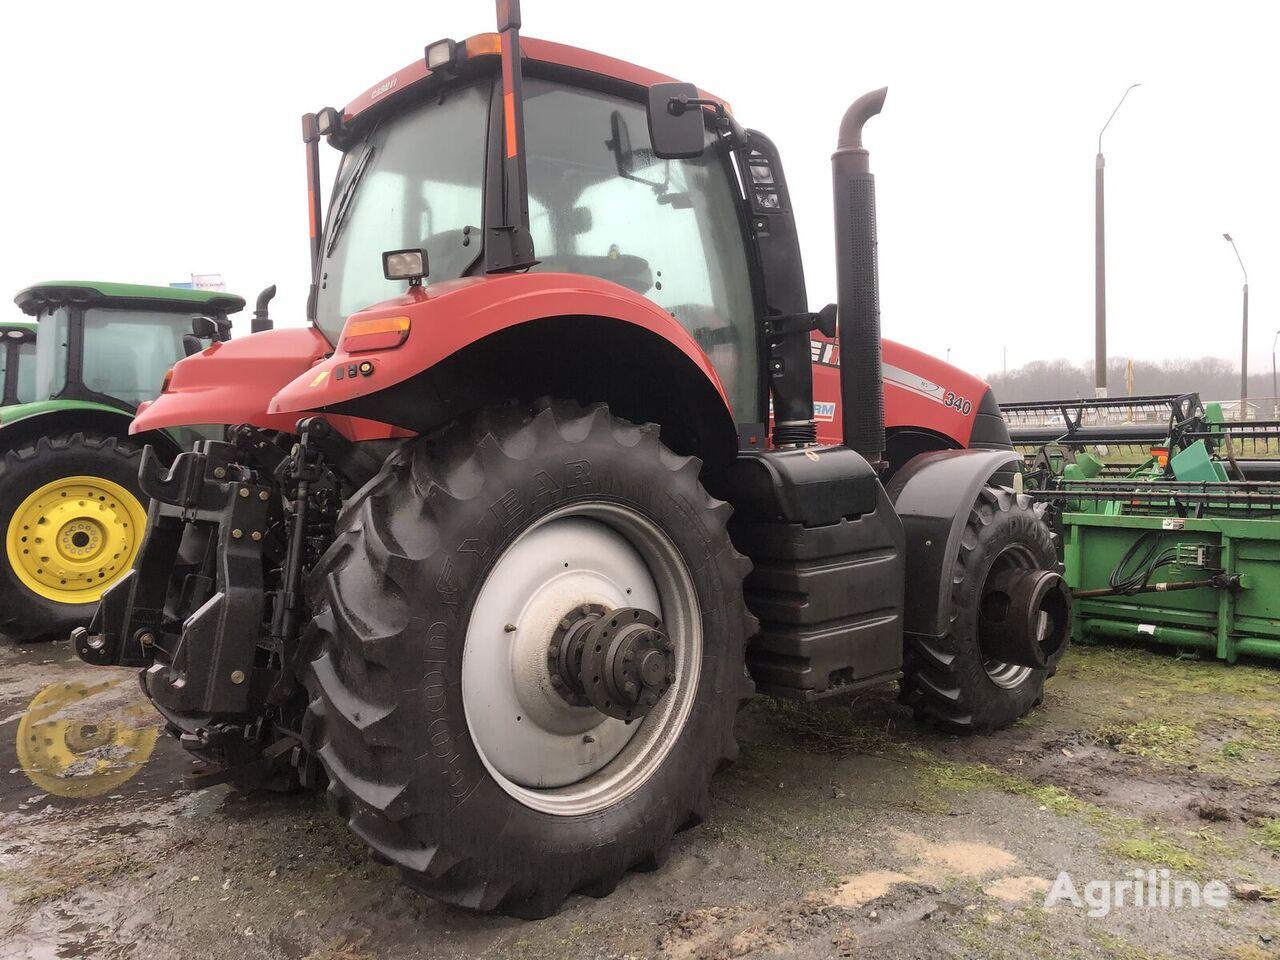 CASE IH Magnum 340 wheel tractor